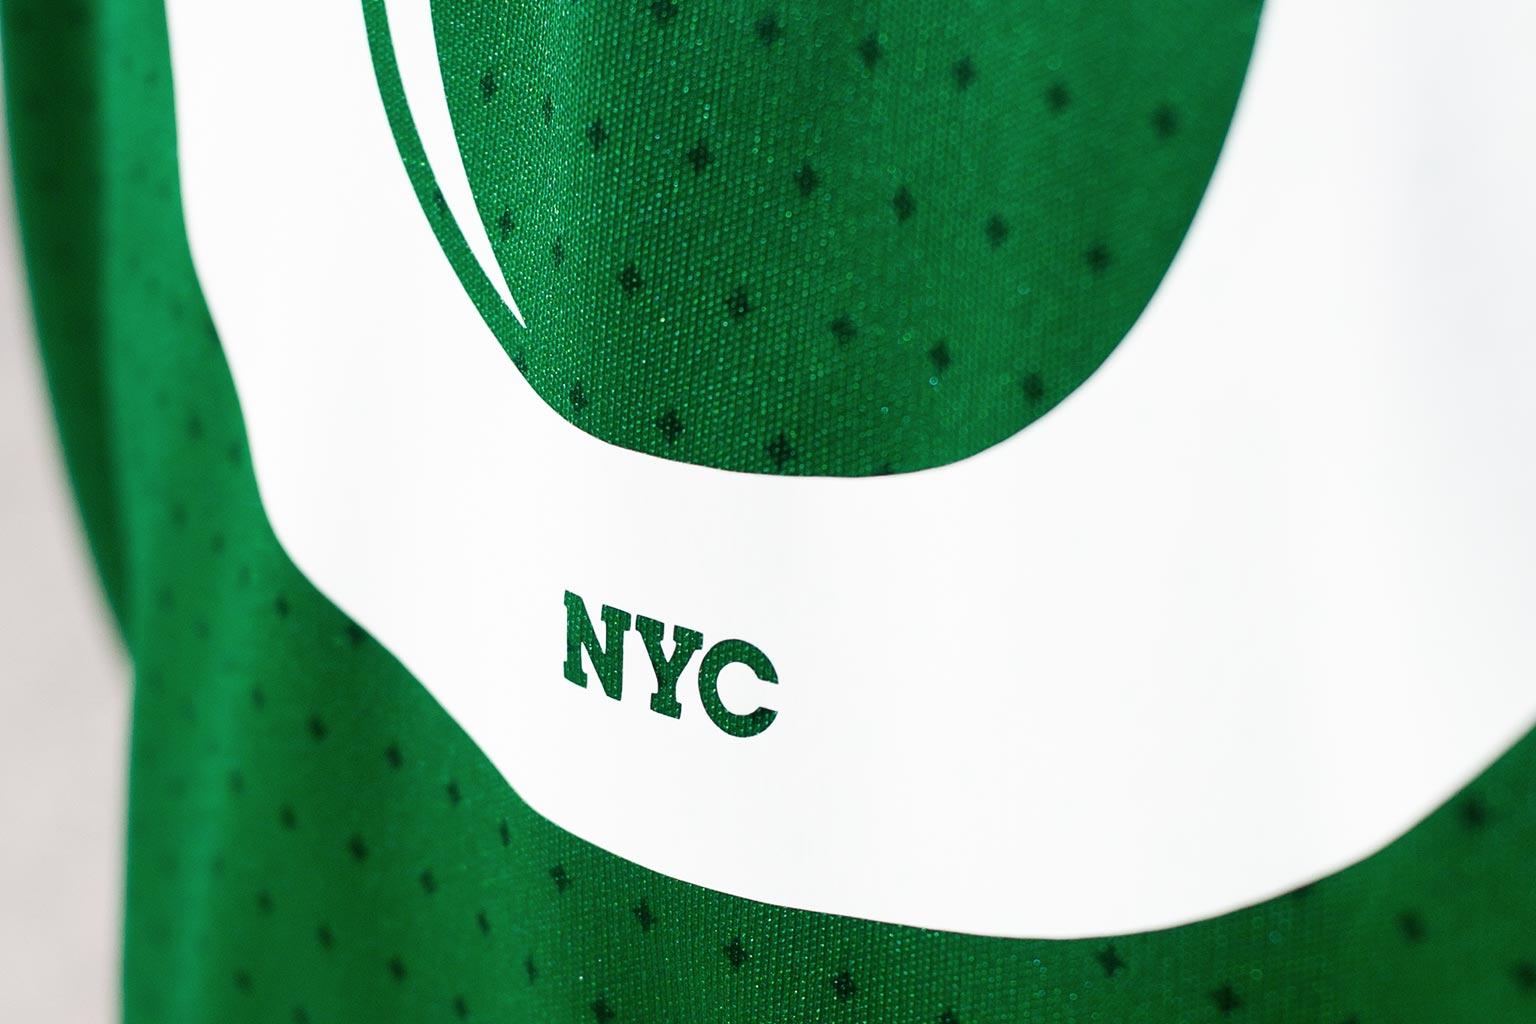 NYC_6